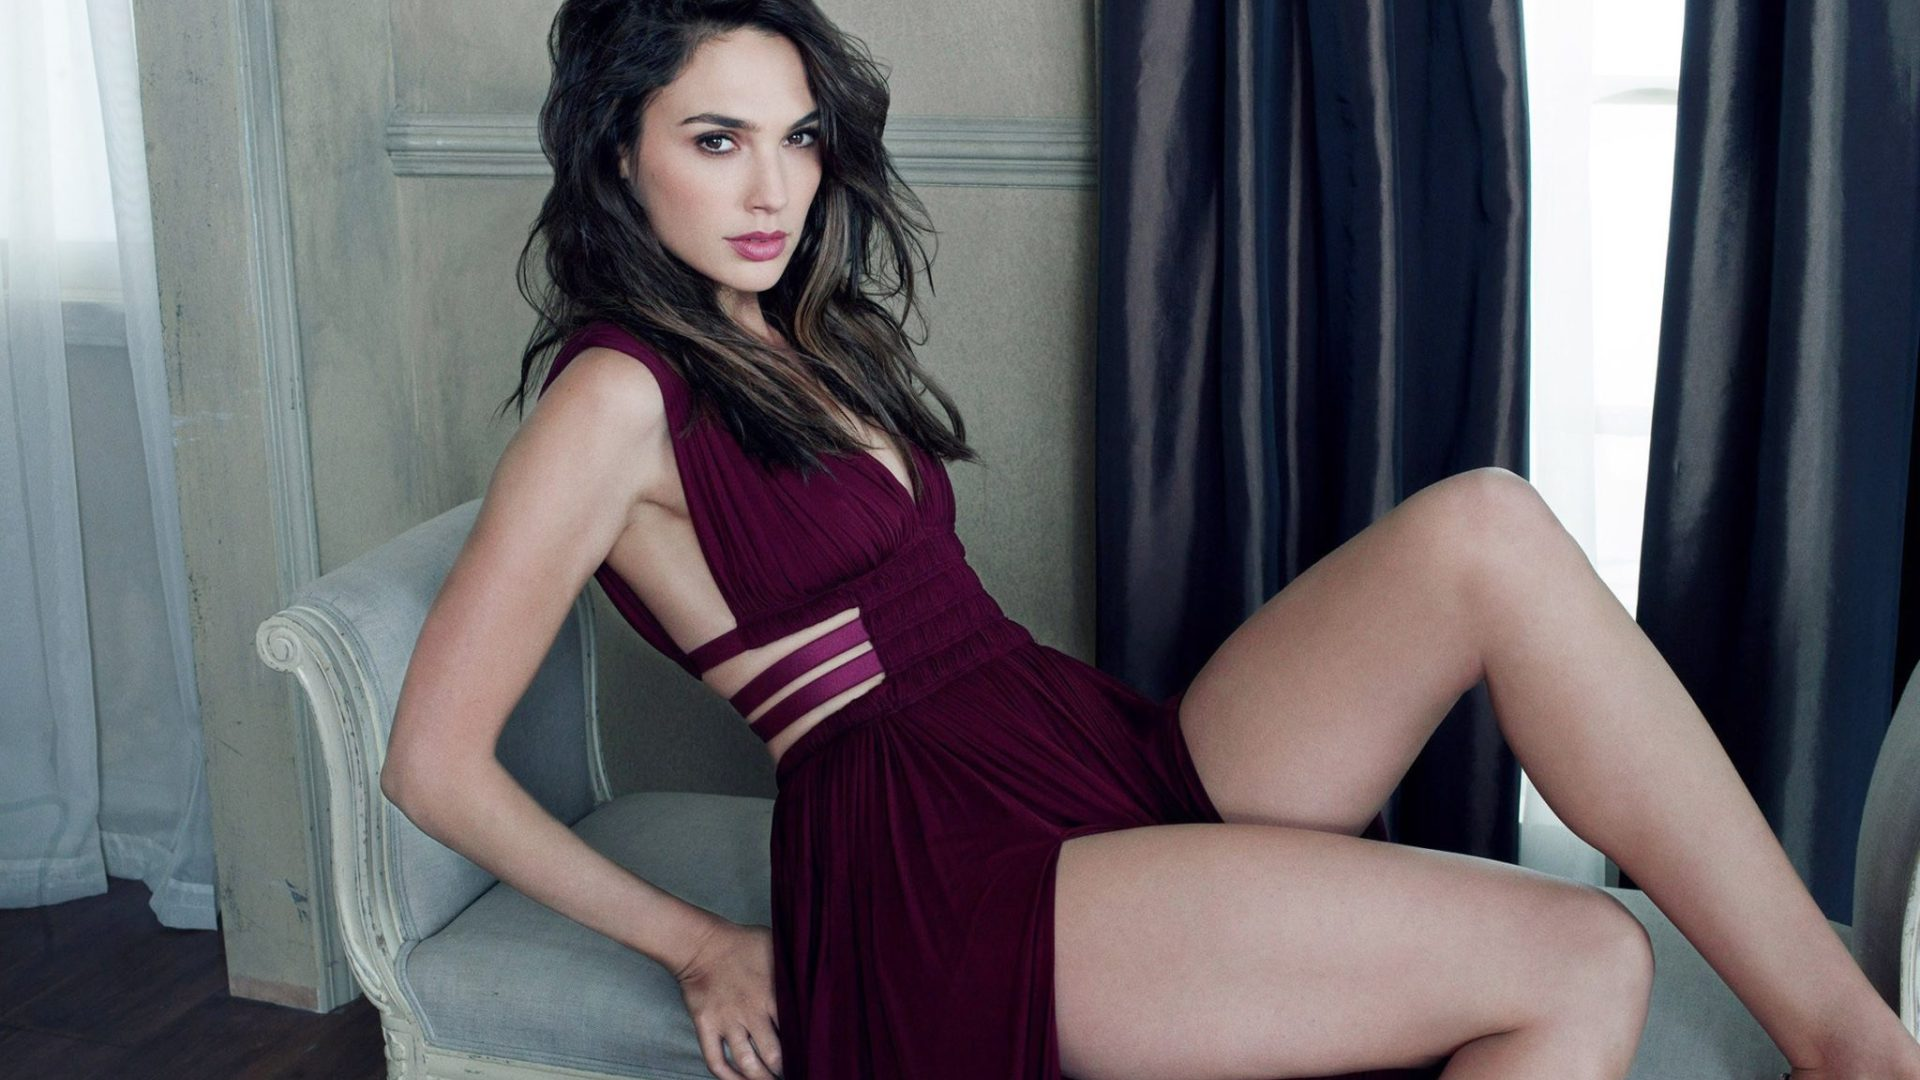 top 10 beautiful women